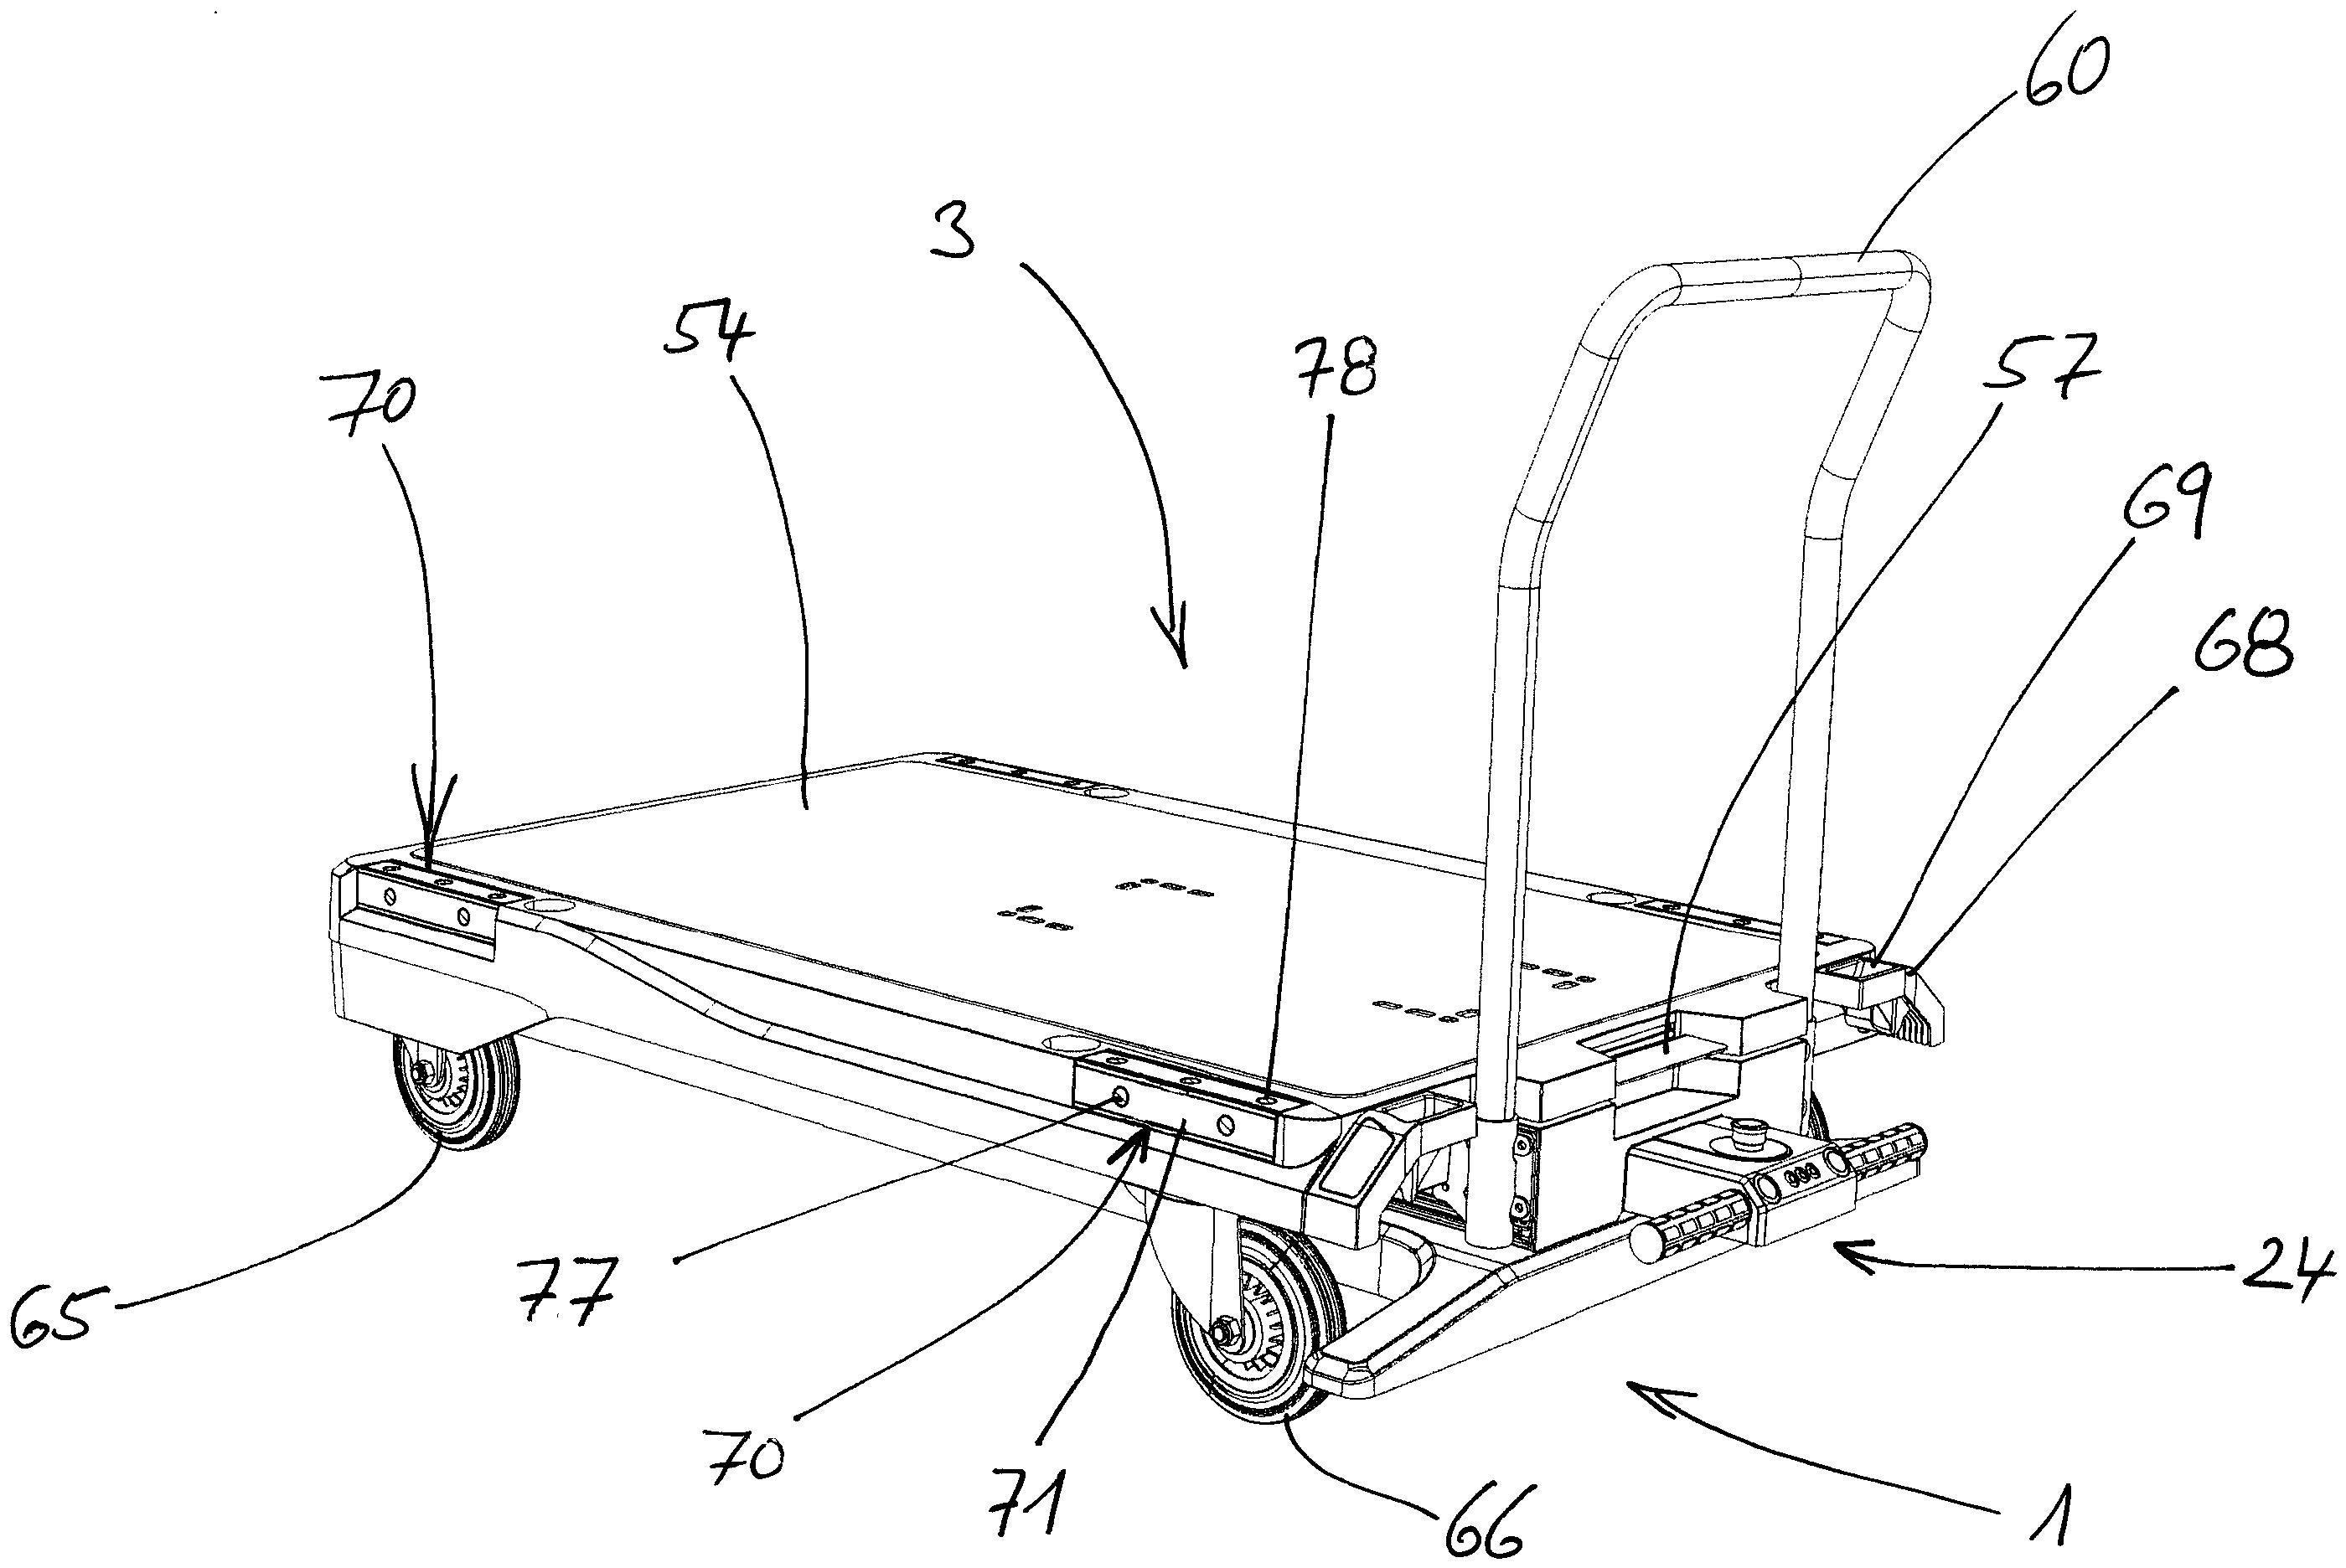 Figure DE102015114411B4_0000